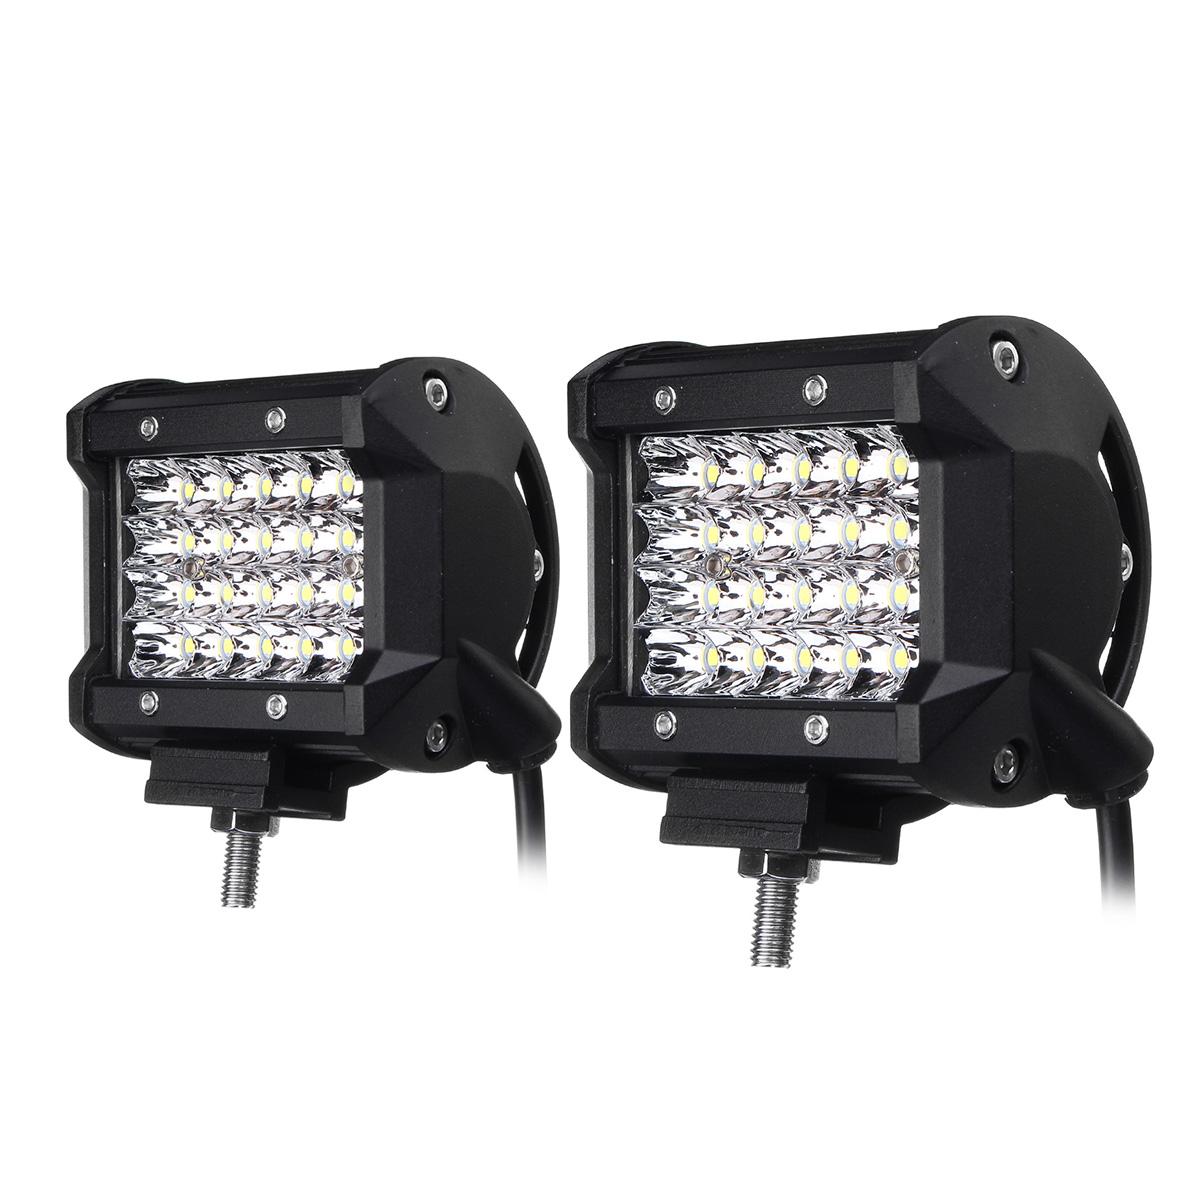 2Pcs 4Inch LED Work Light Bar Spot Beam Fog Lamp 10-30V 72W White for Offroad SUV Truck